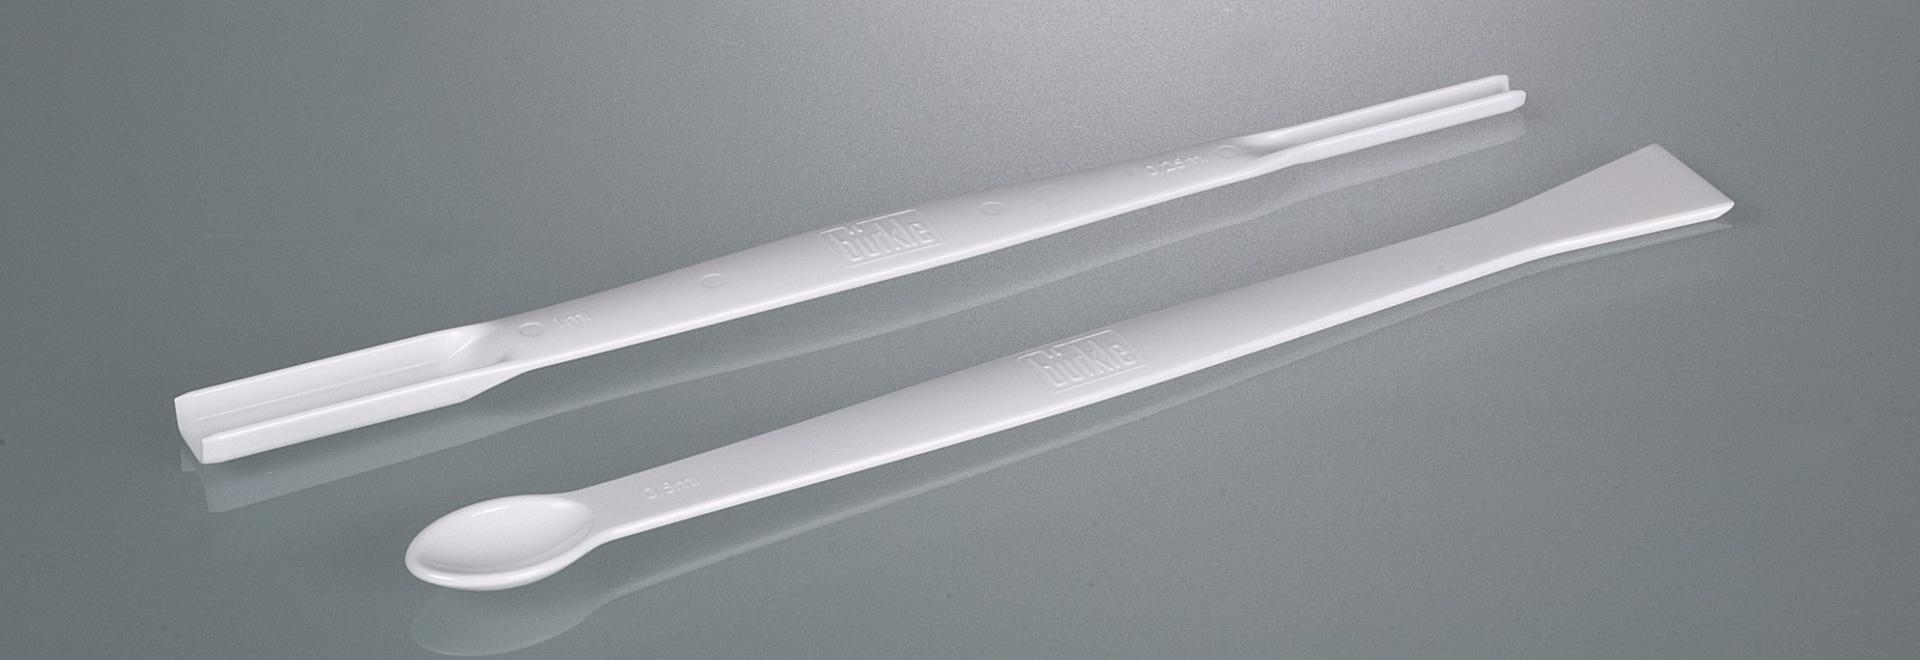 Cuillère-spatule et Micro-spatule